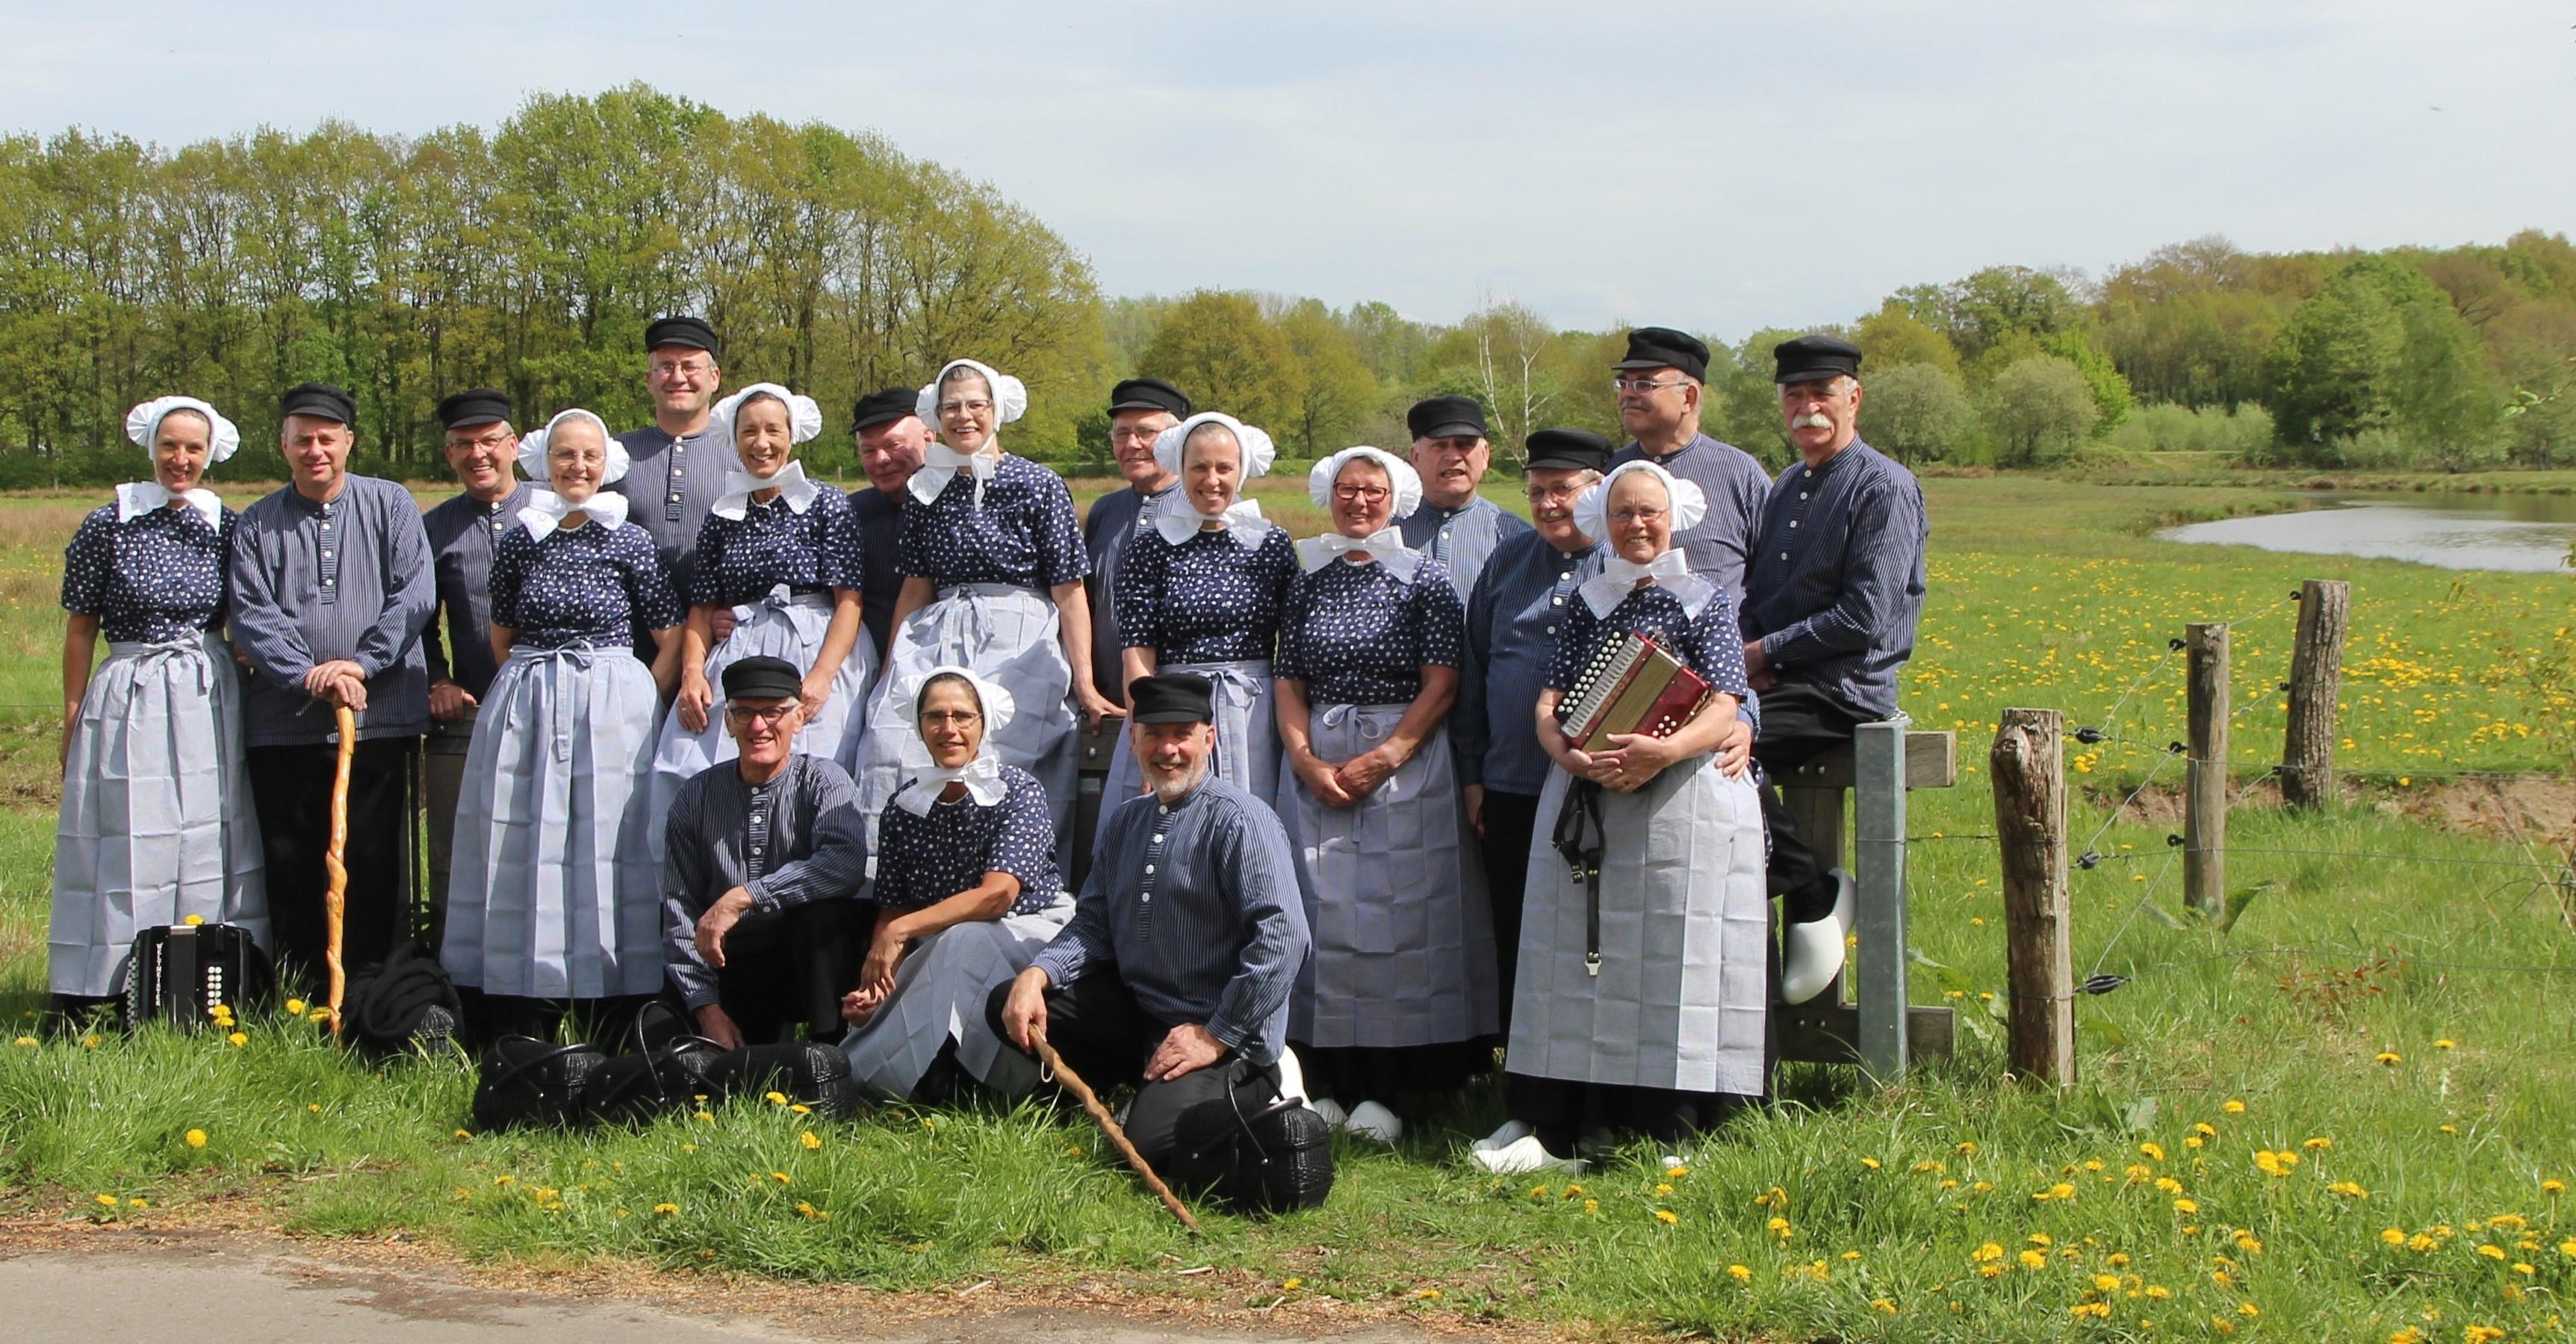 Folkloristische Dansgroep Hellendoorn